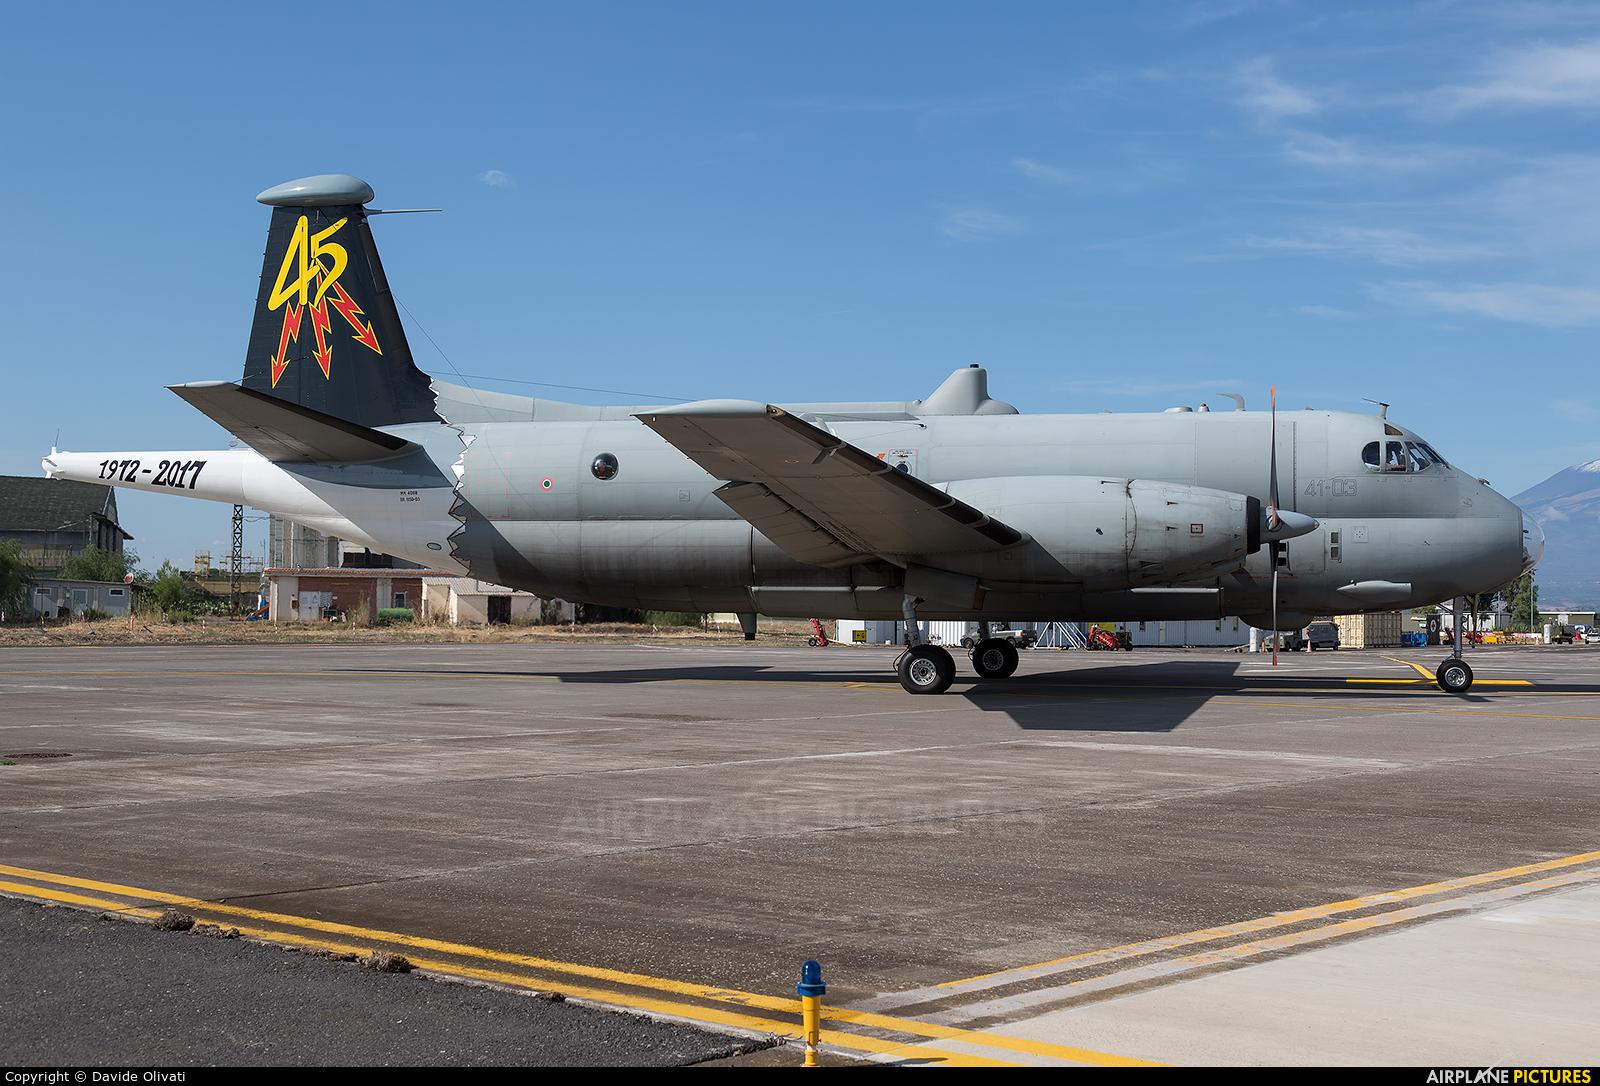 Italy - Air Force MM40118 aircraft at Sigonella